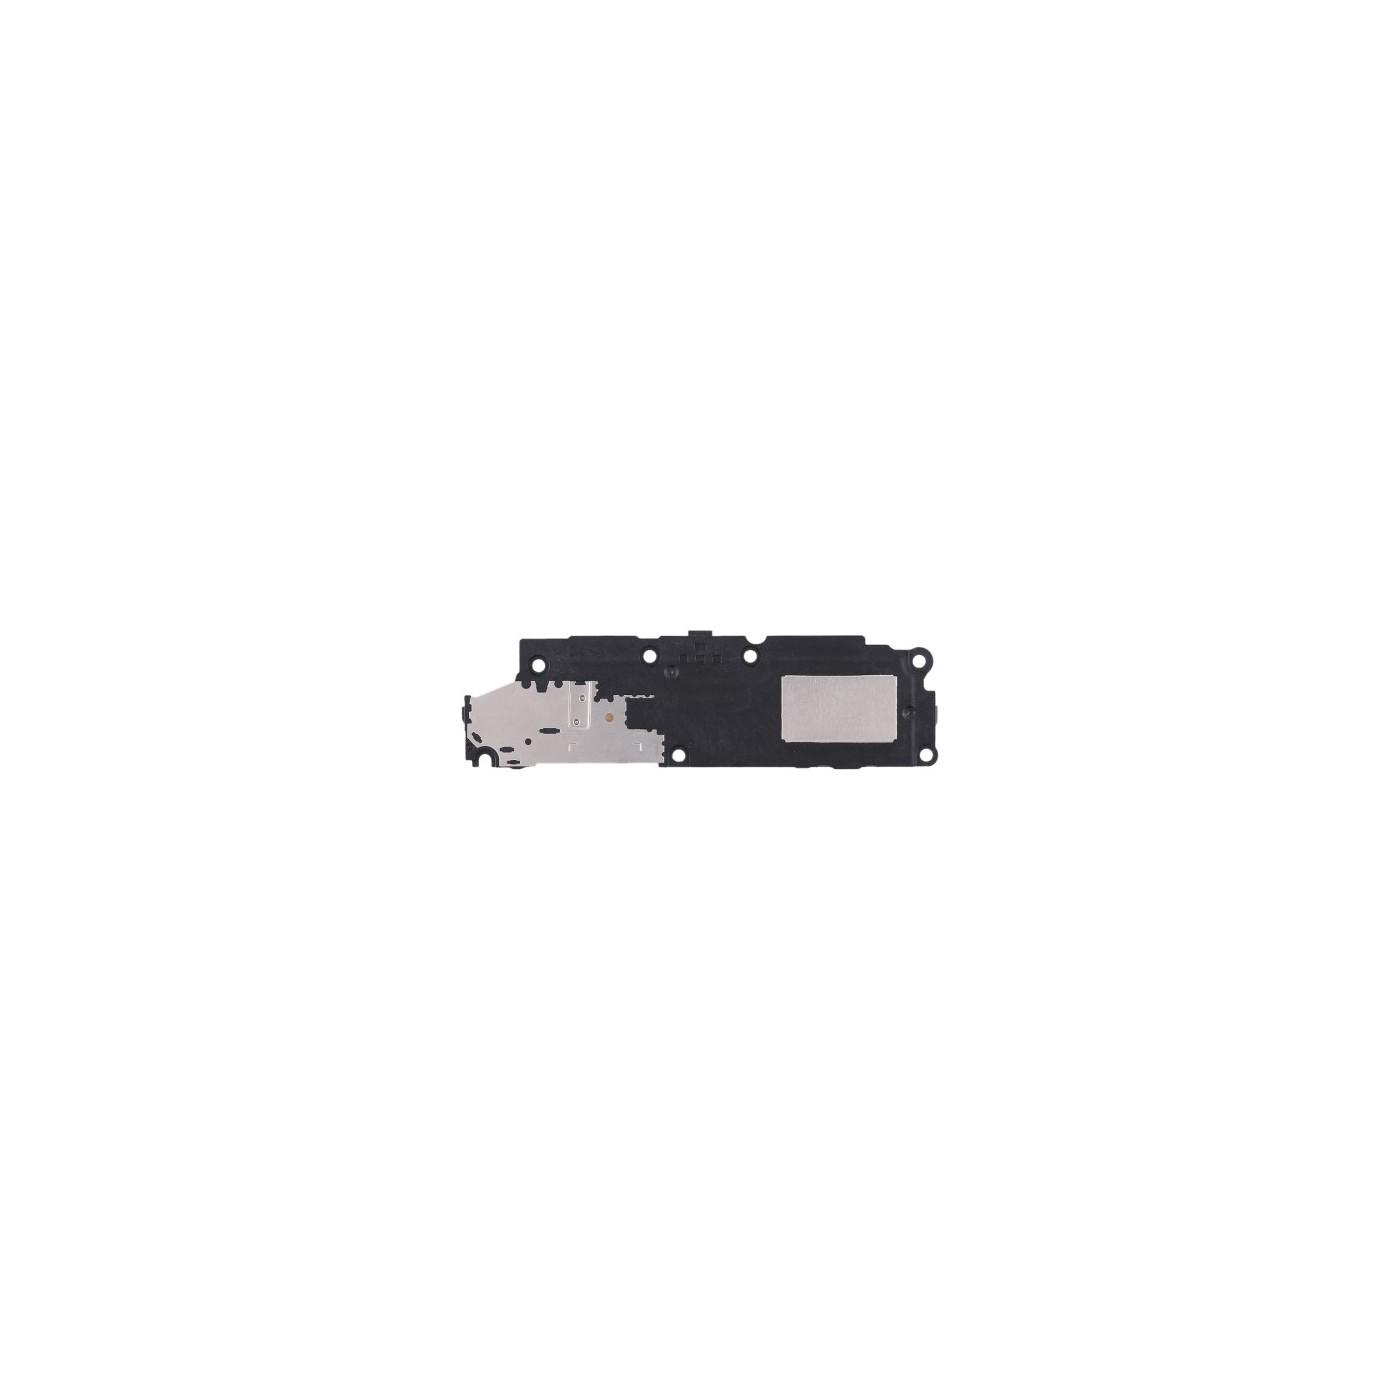 Housse de haut-parleur pour HUAWEI P10 Lite